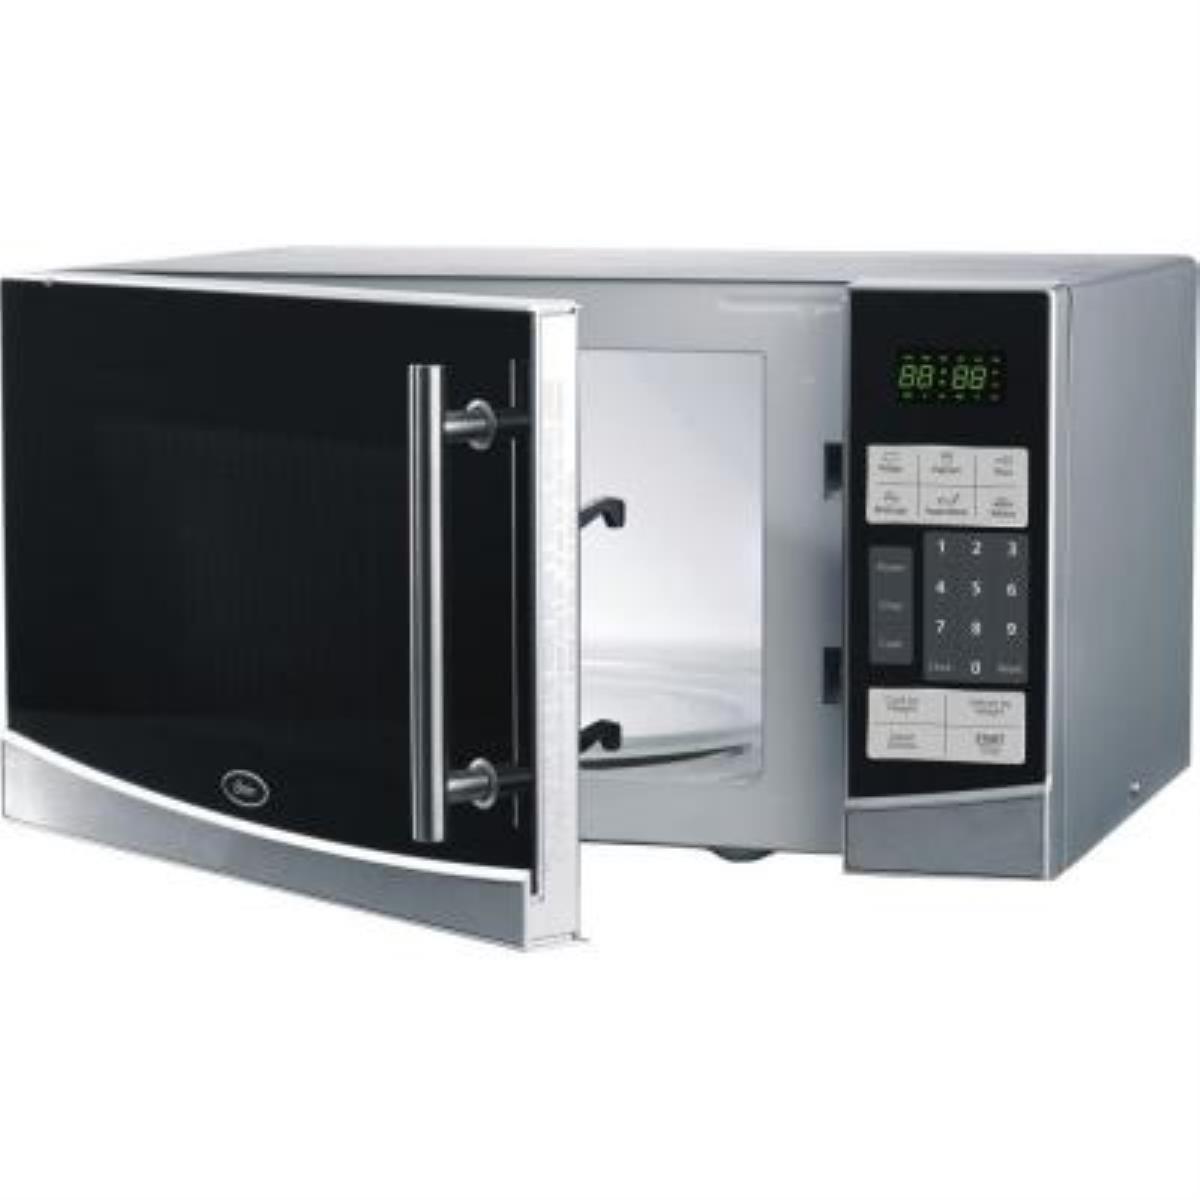 oster ogb61102 1 1 cu ft digital microwave oven black